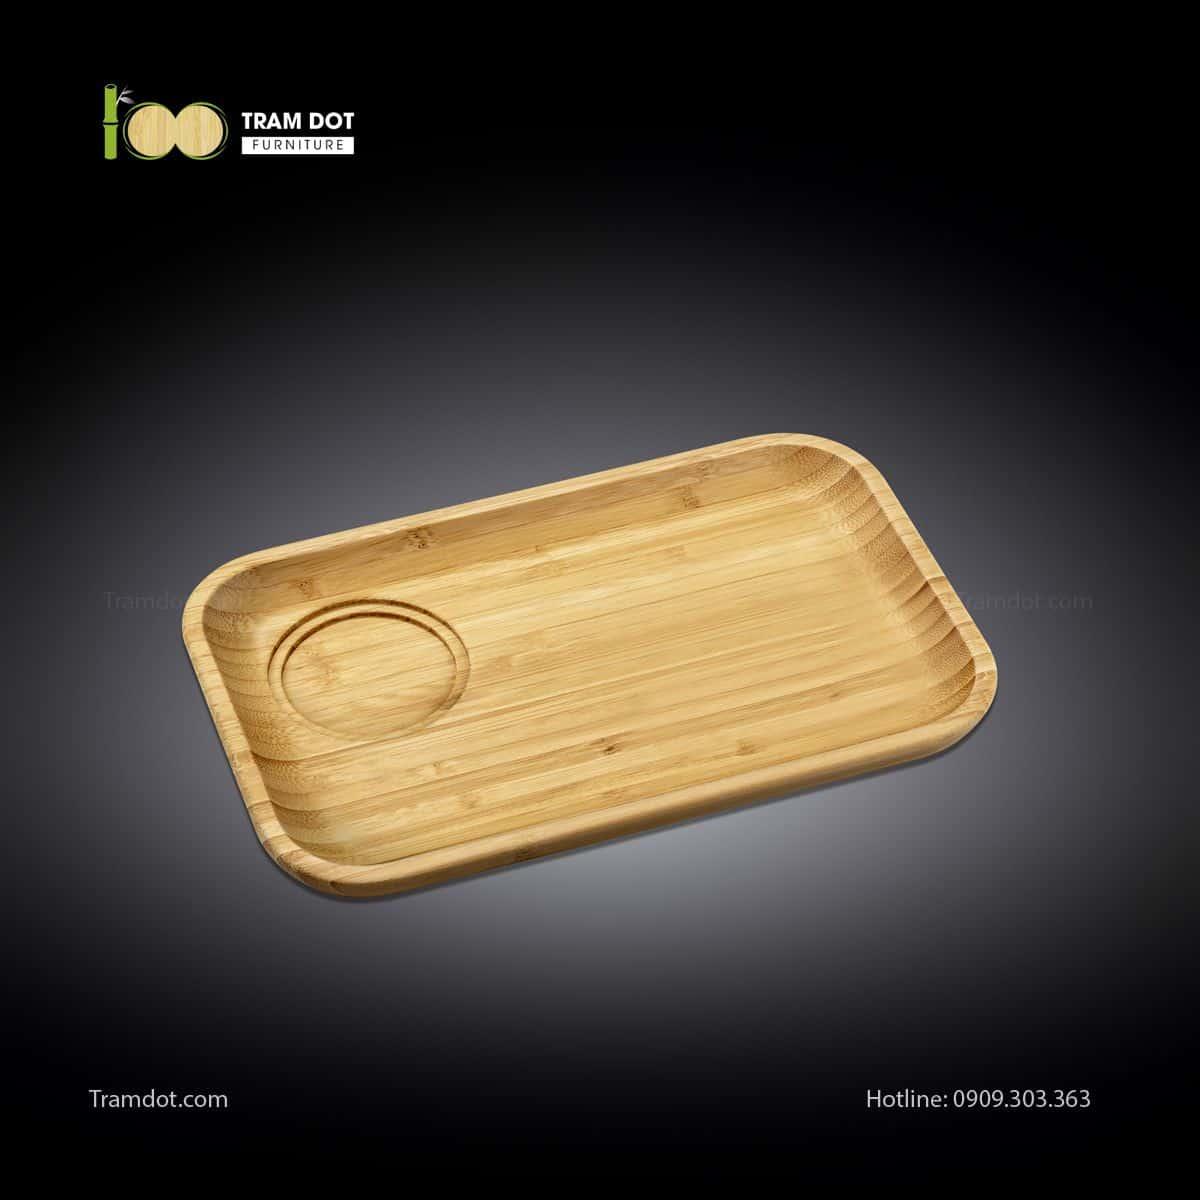 Đĩa tre phục vụ đồ uống chữ nhật 01 rãnh lõm 35.5×24.5cm | TRAMDOT Furniture